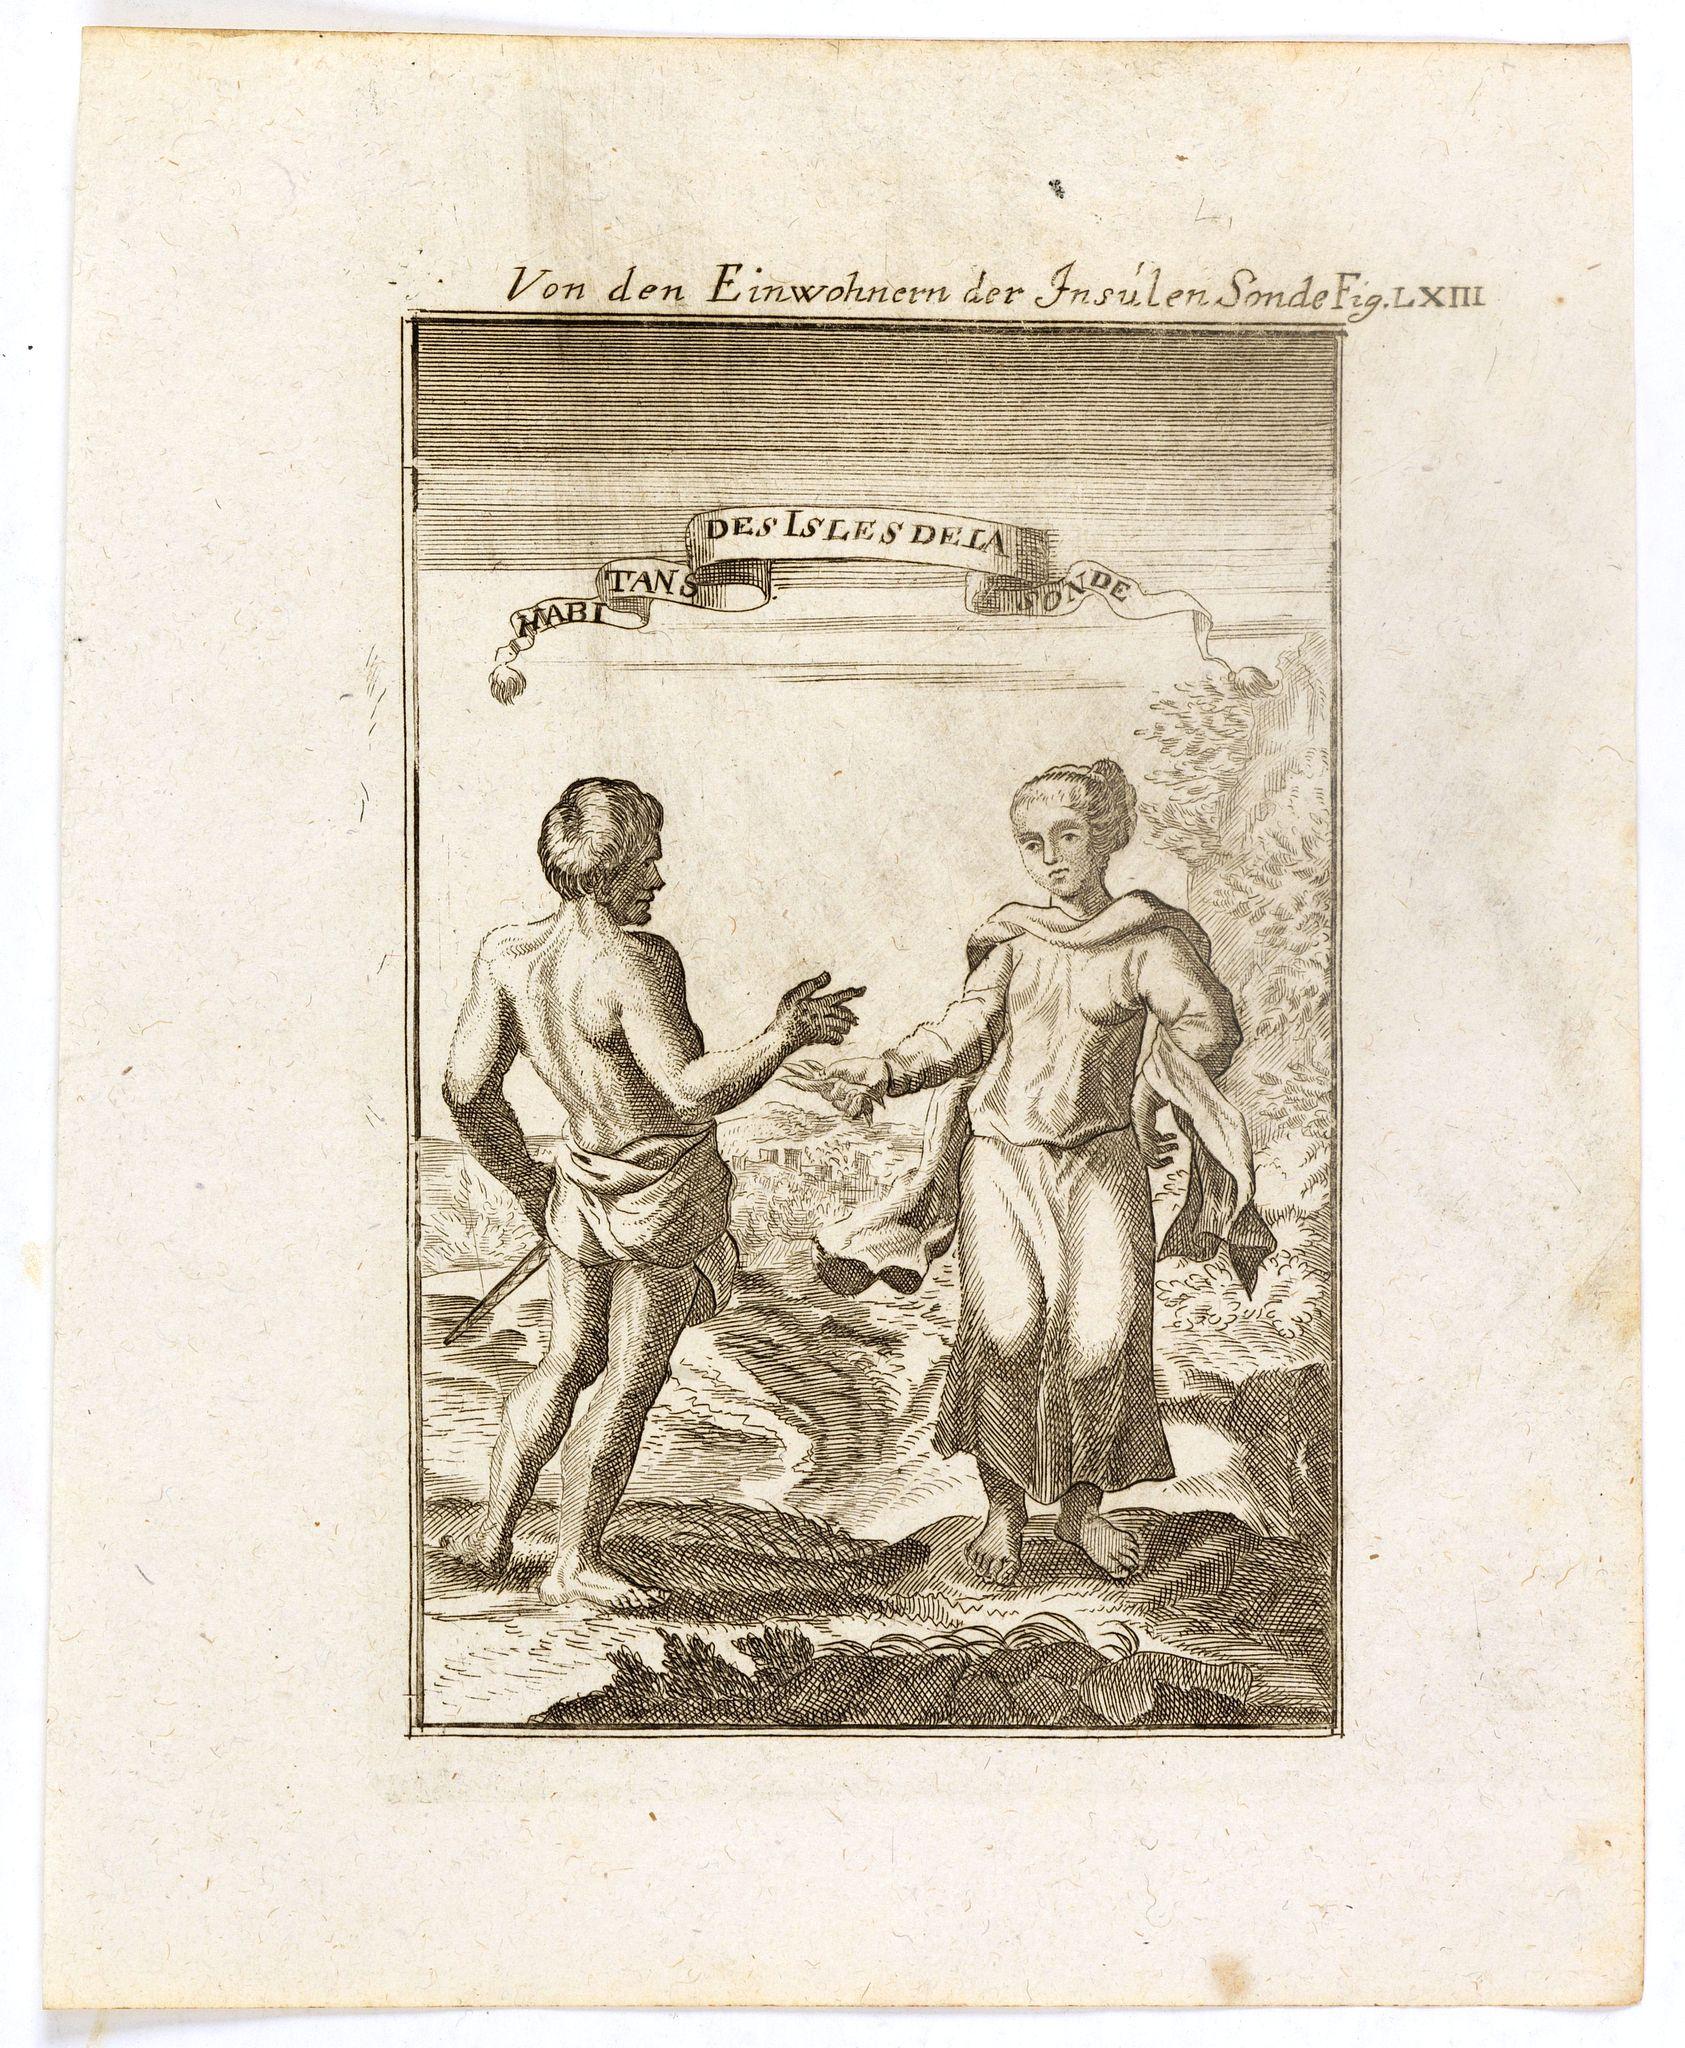 MALLET, A.M. -  Von den Einwohnerne der Insulen Sonde (Fig LXIII).